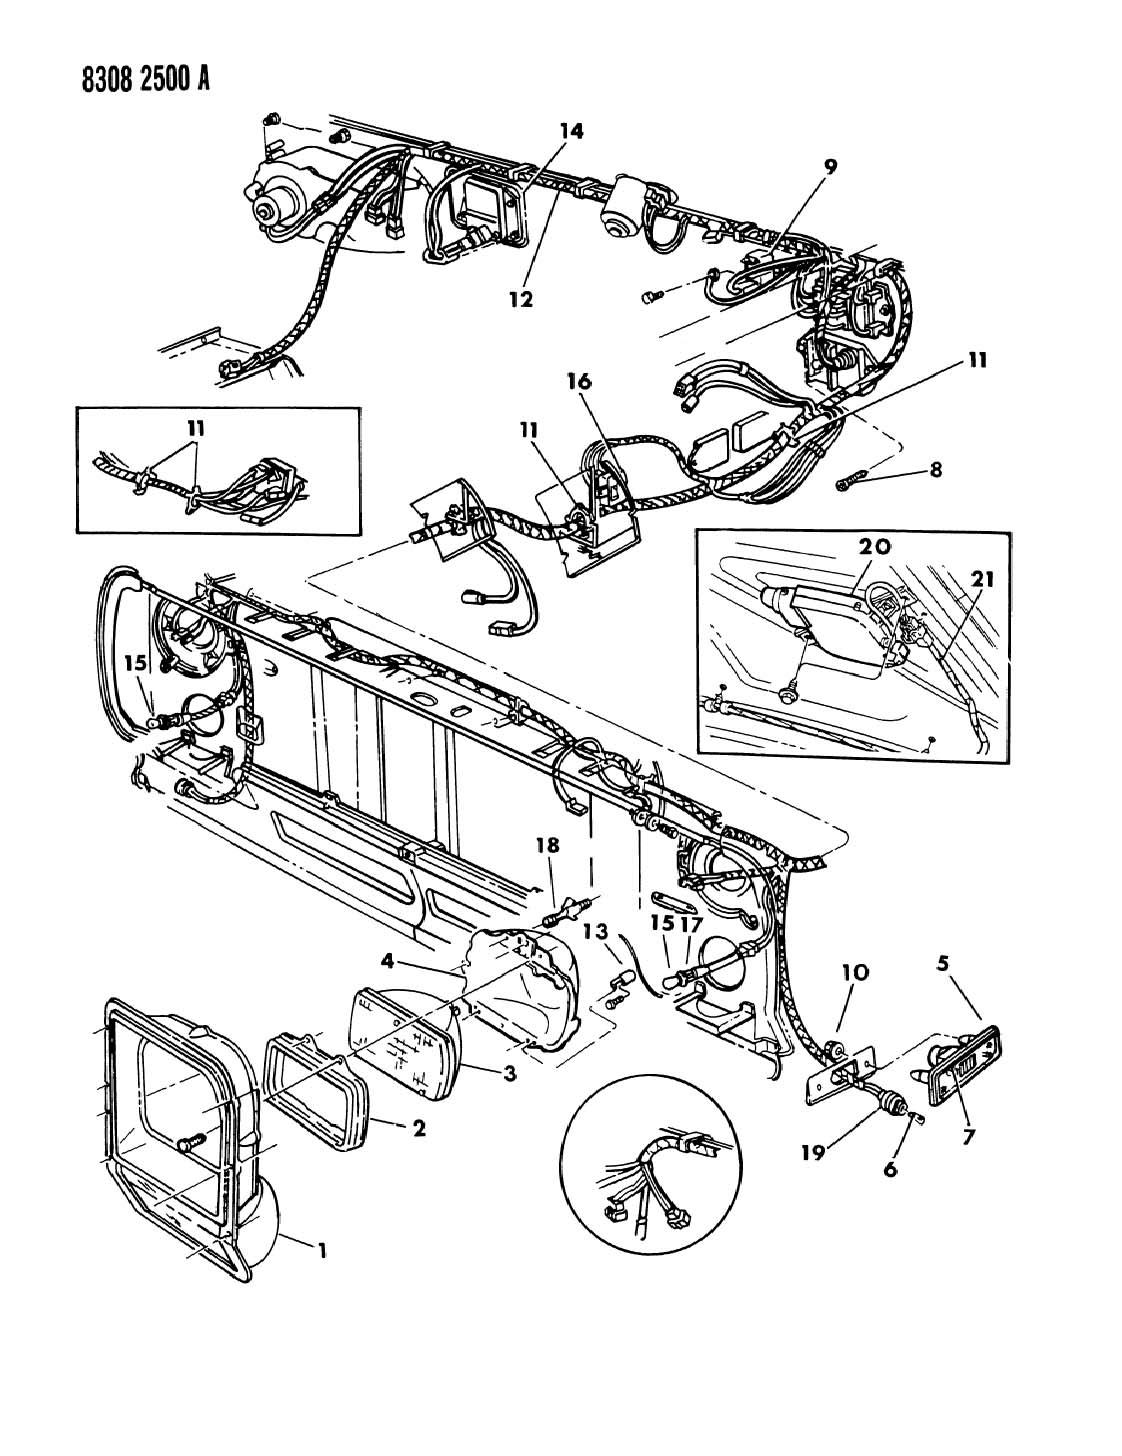 Dodge Lamps Amp Wiring Frt End D Models